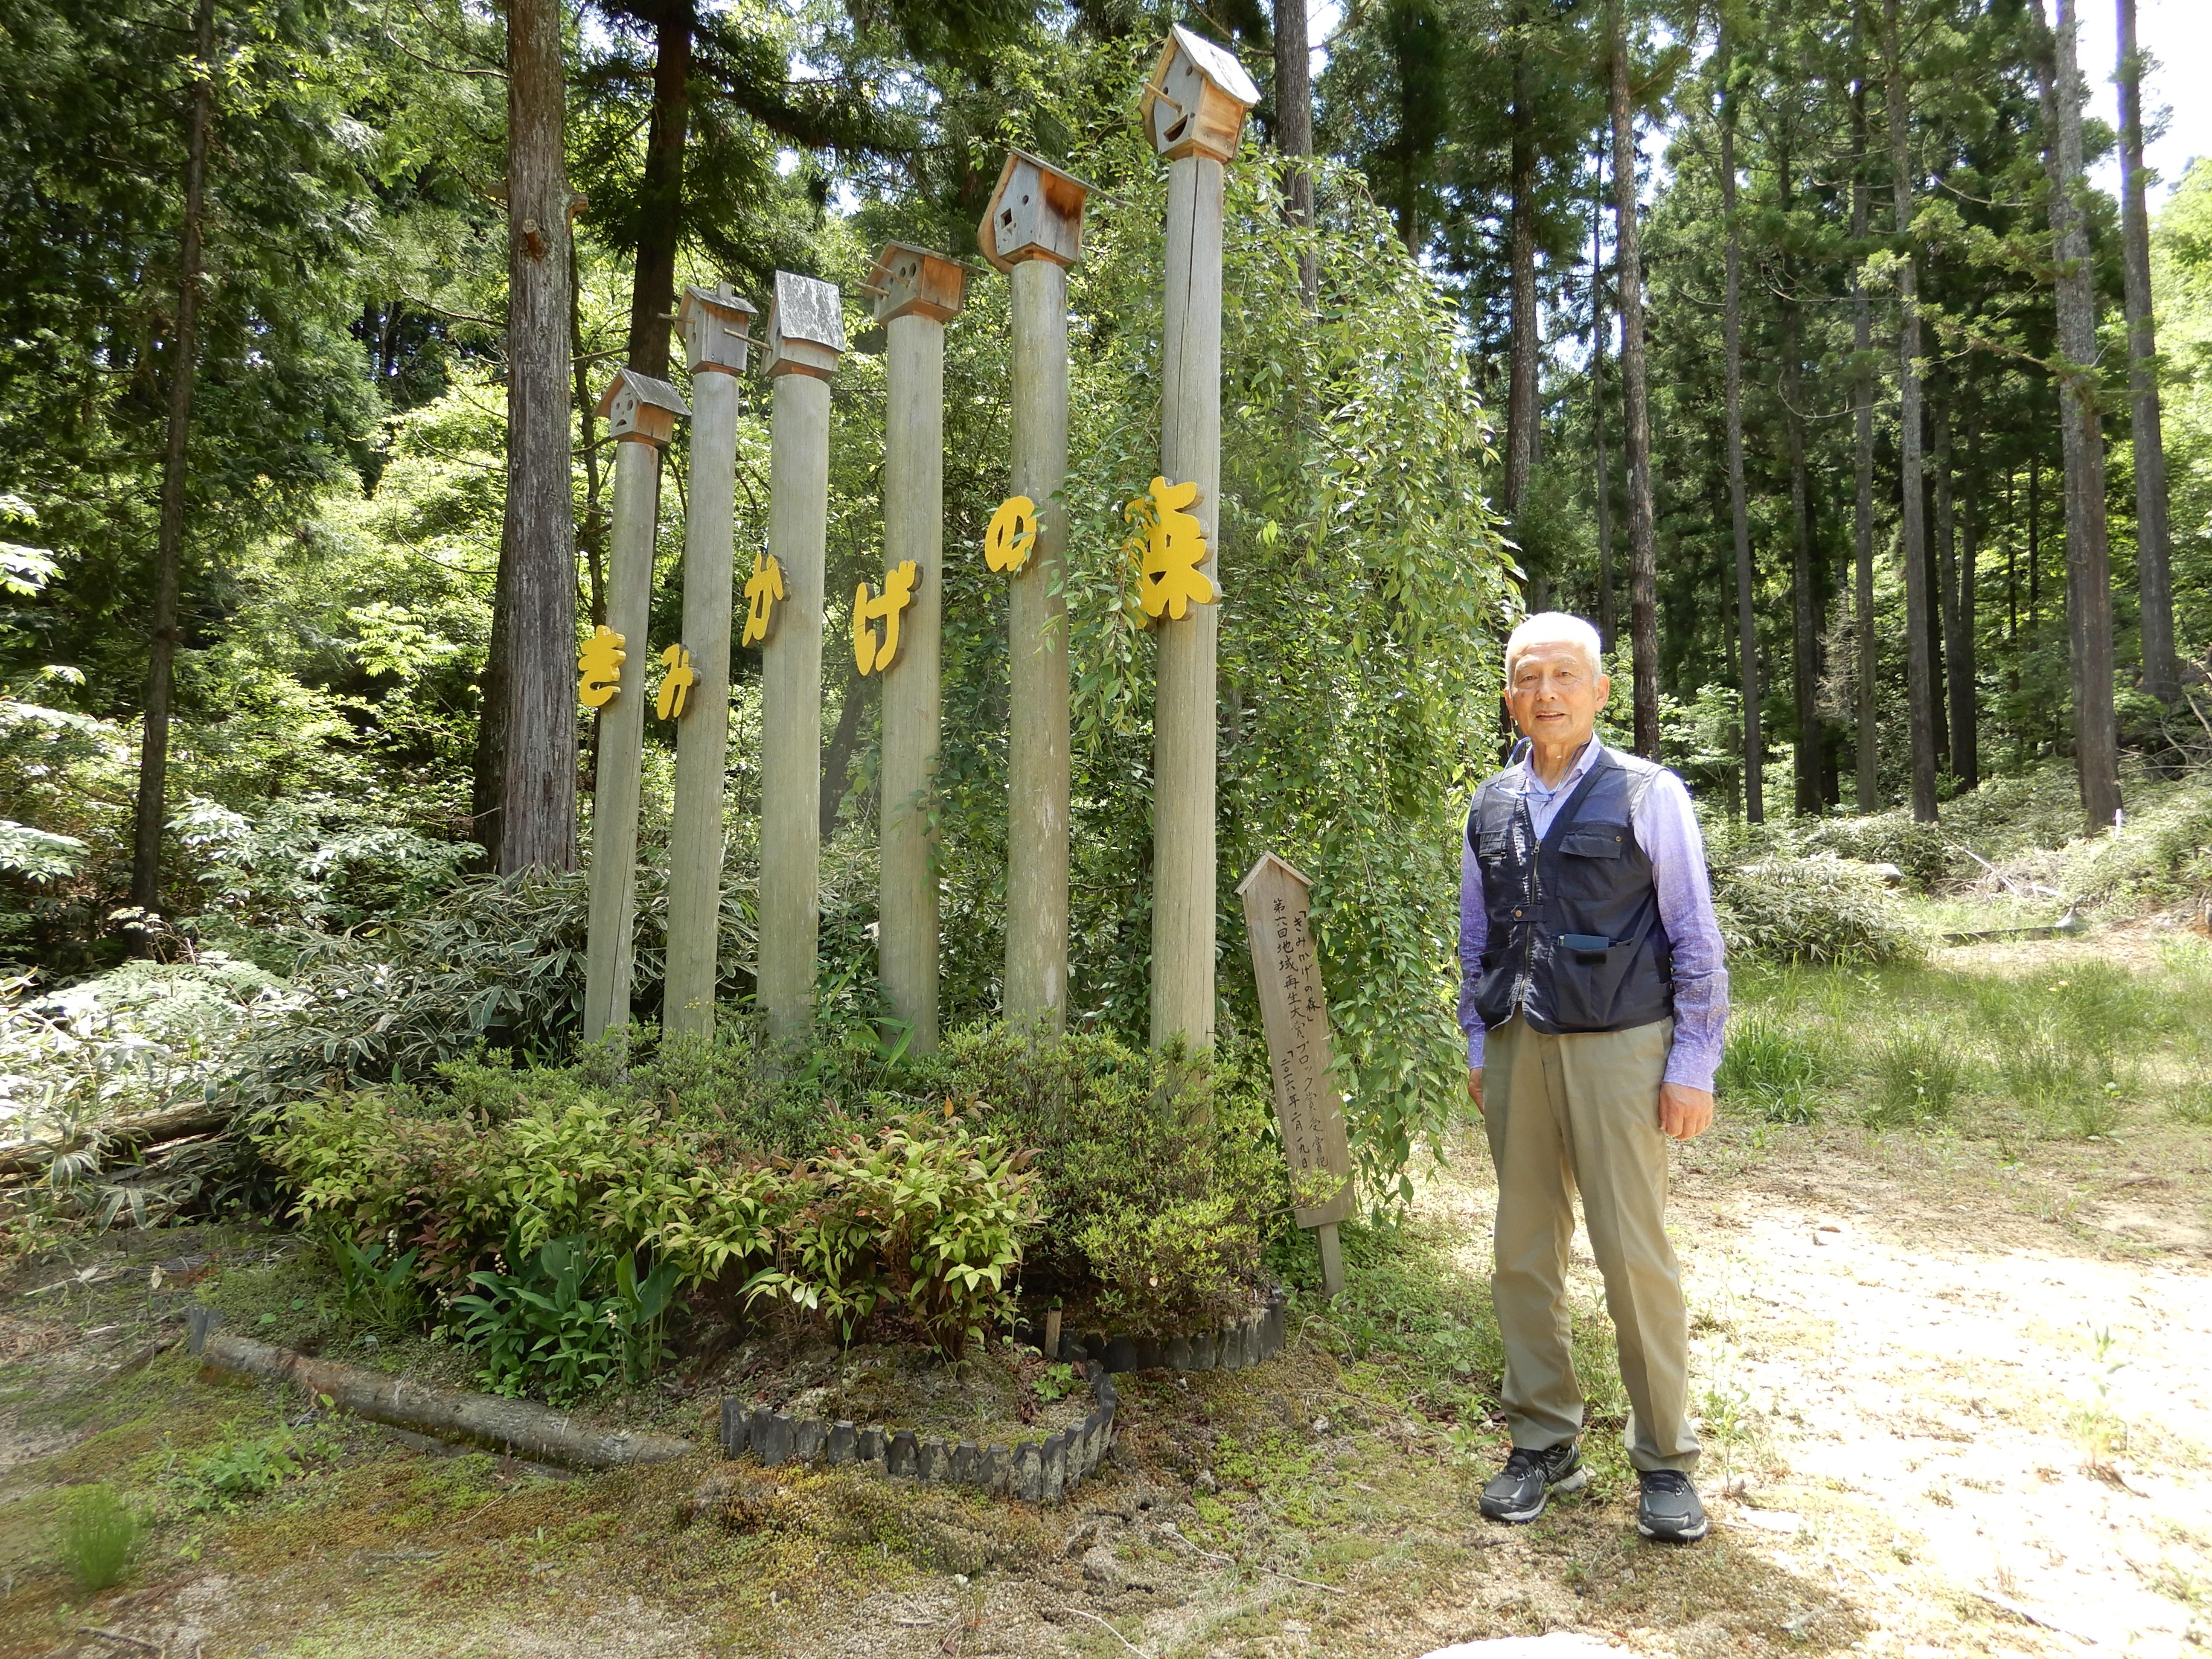 ステージを設け、集いの場を目指して取り組む森の入り口に立つ森岡正宏理事長=2018年5月、奈良市